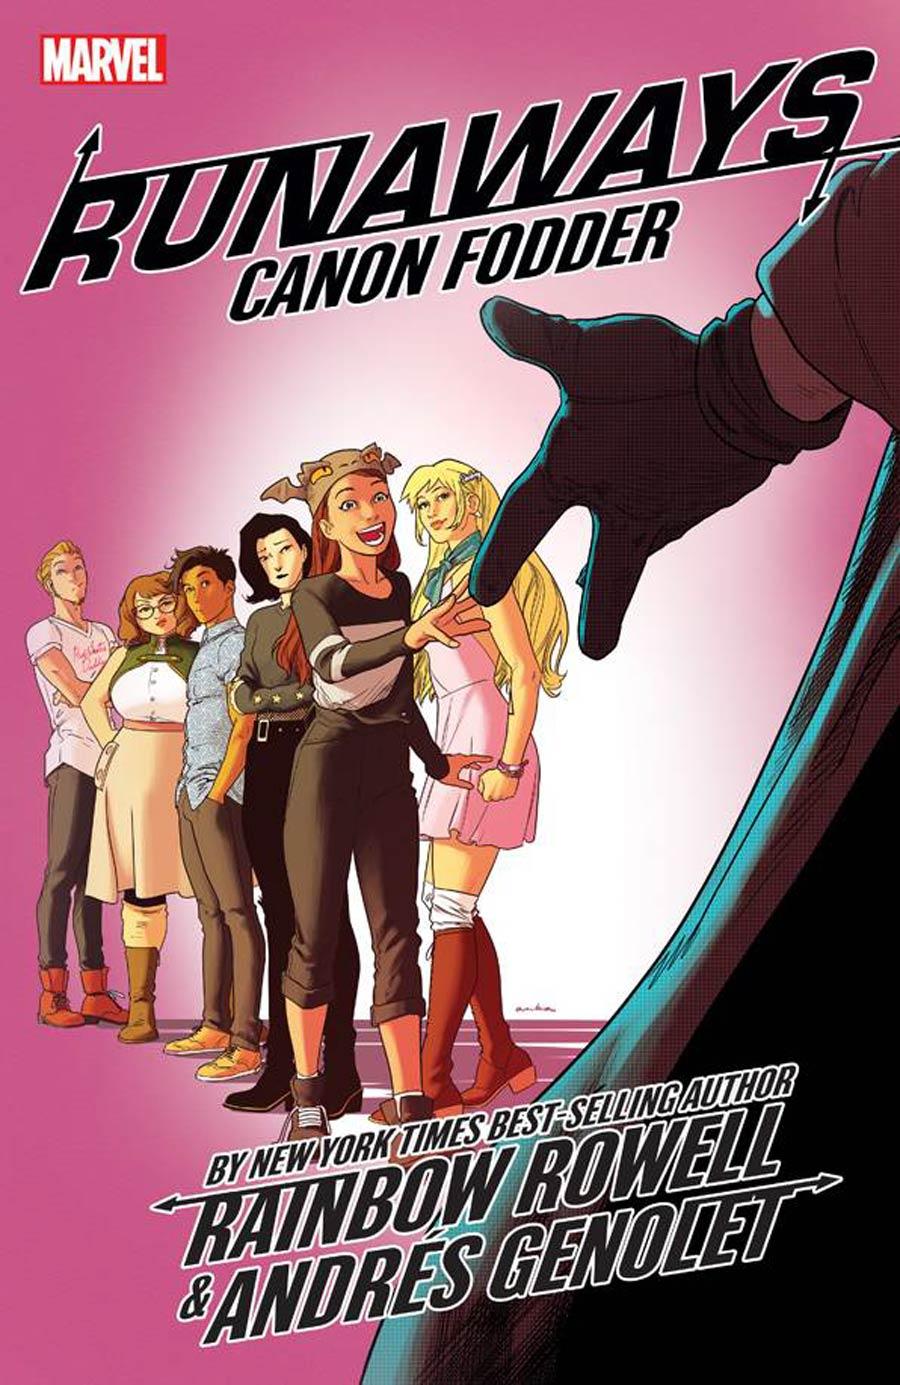 Runaways By Rainbow Rowell Vol 5 Cannon Fodder TP